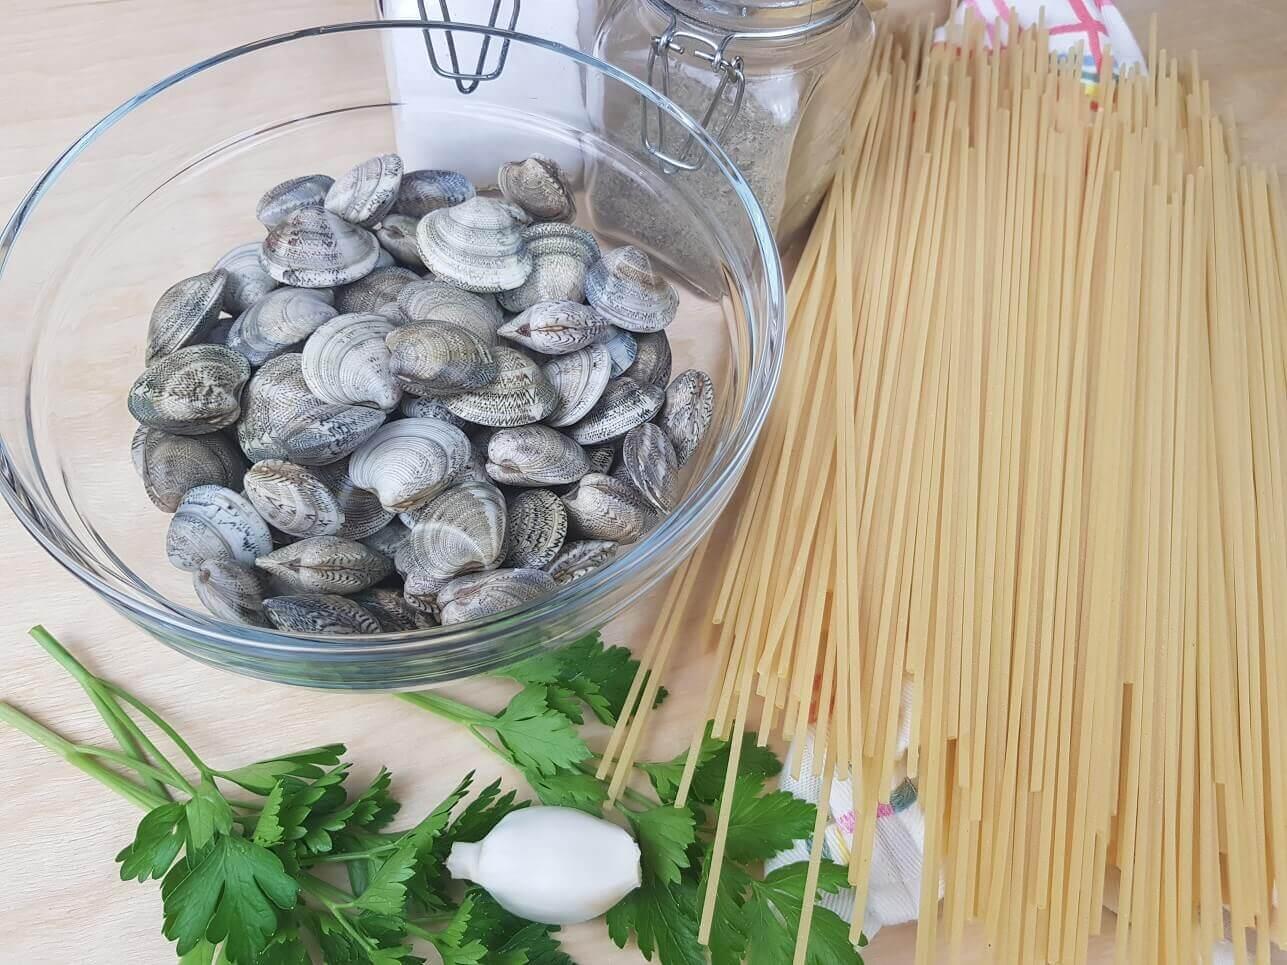 Ingredienti per spaghetti alle vongole